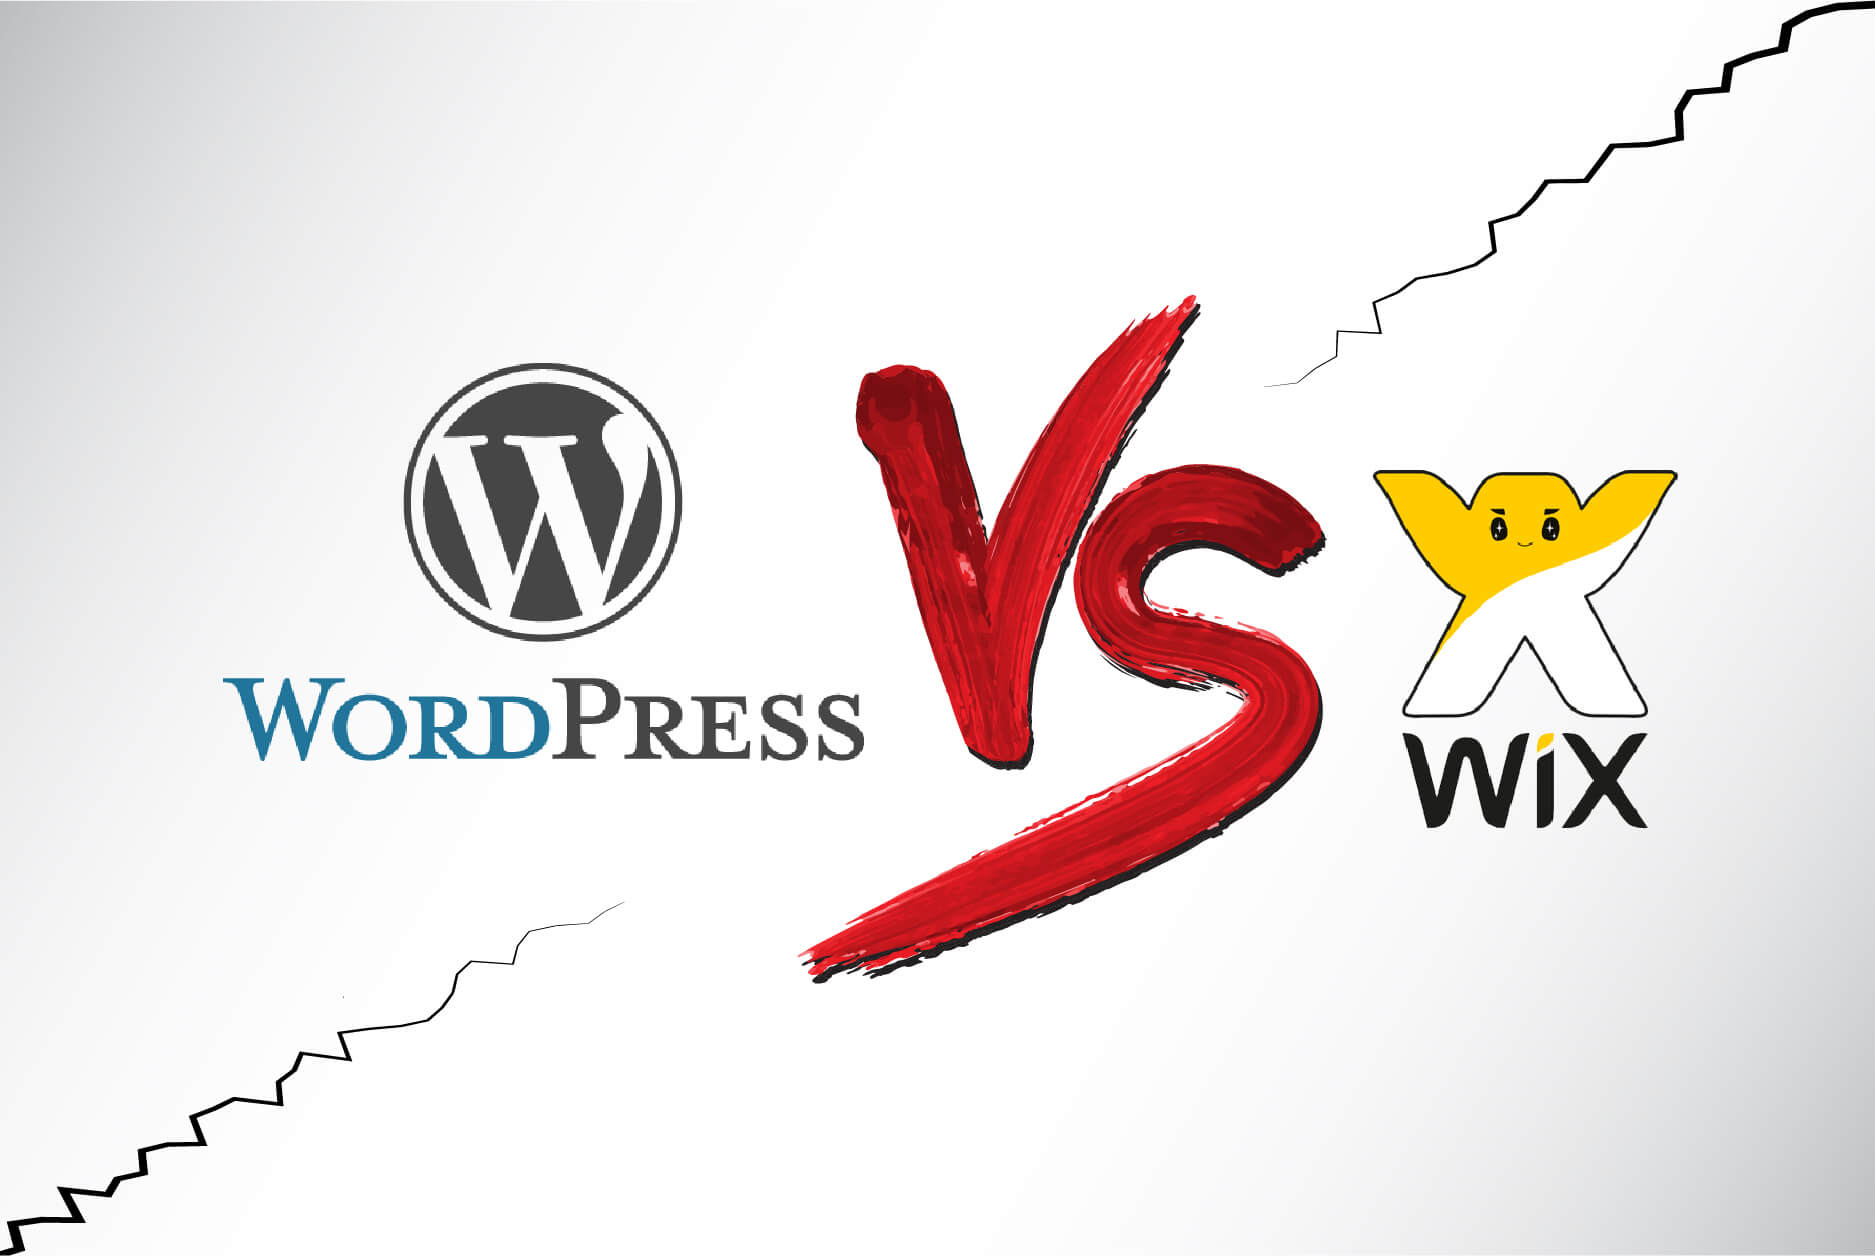 היתרונות הגדולים של וורדפרס מול מערכת WIX